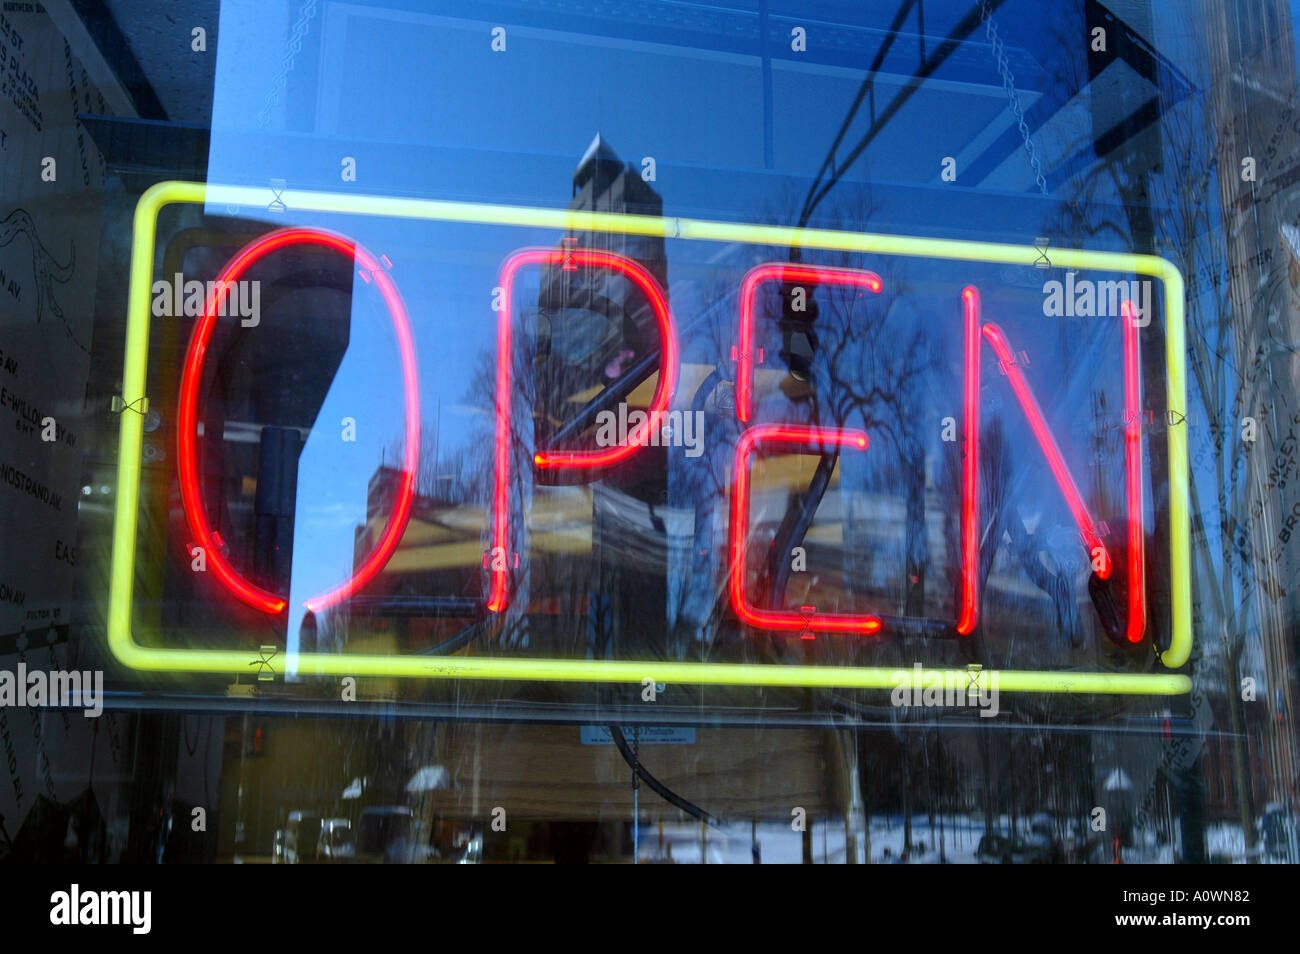 Signo abierto de la ciudad de New Haven Connecticut SCÉNIC con dirección centro de negocios abierto para firmar en ventana de negocios Imagen De Stock